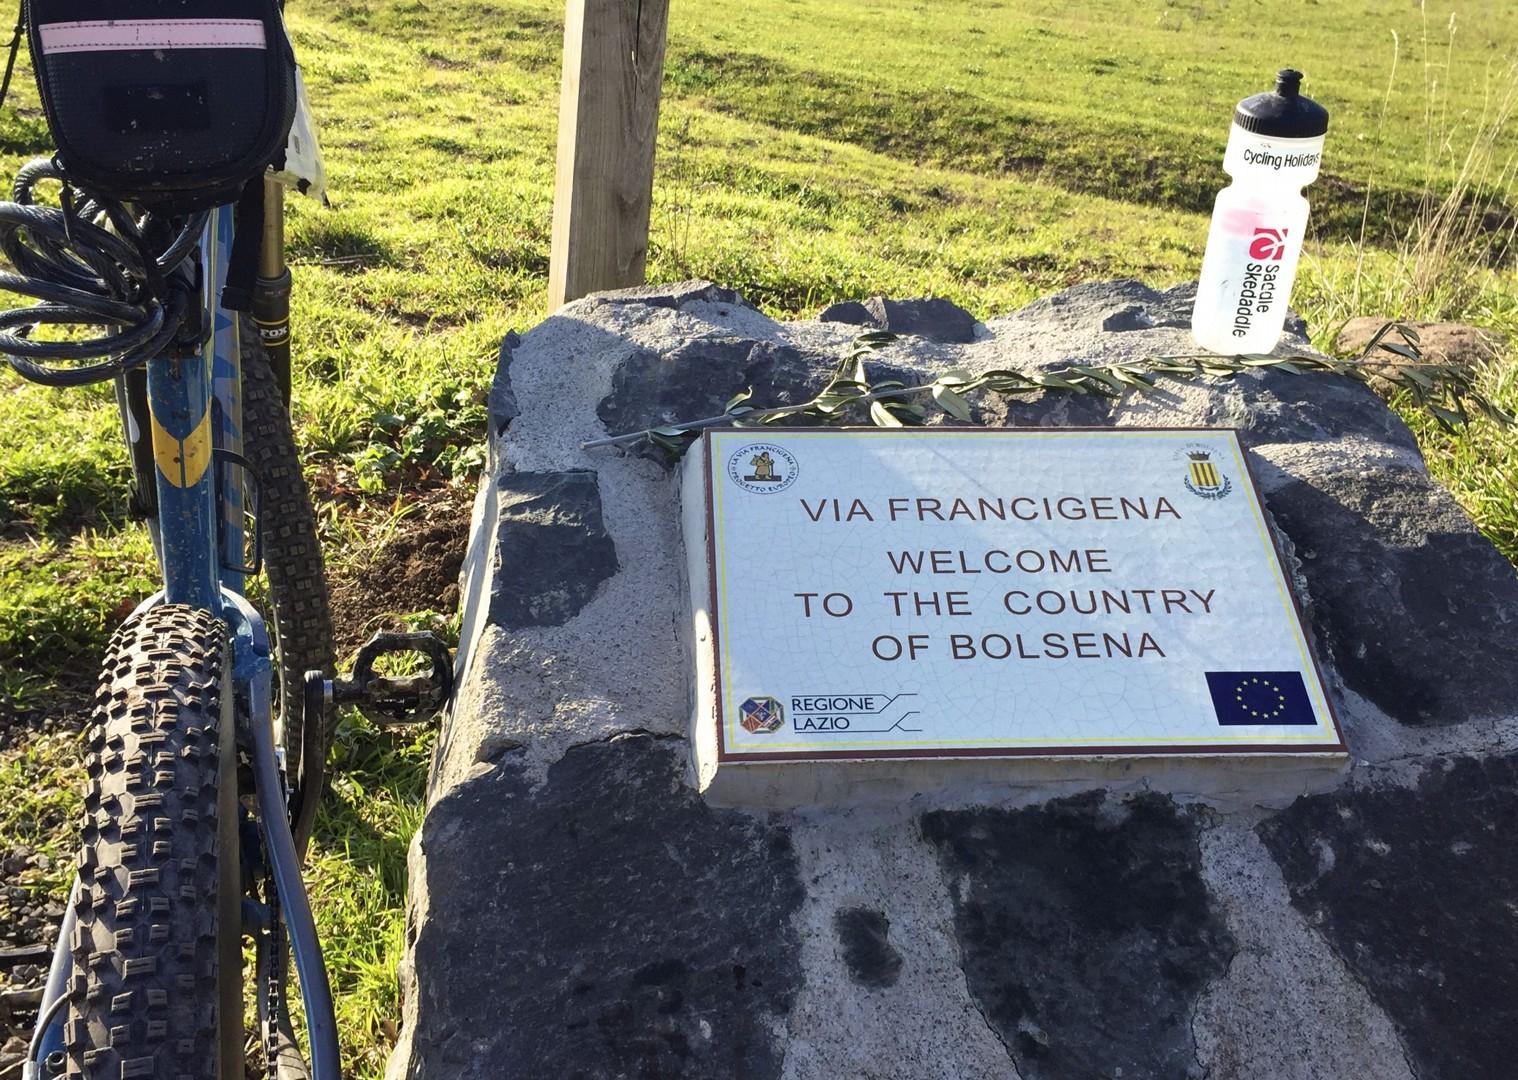 cycling-holiday-italy-viafrancigena-sign.jpg - Italy - Via Francigena (Tuscany to Rome) - Mountain Biking